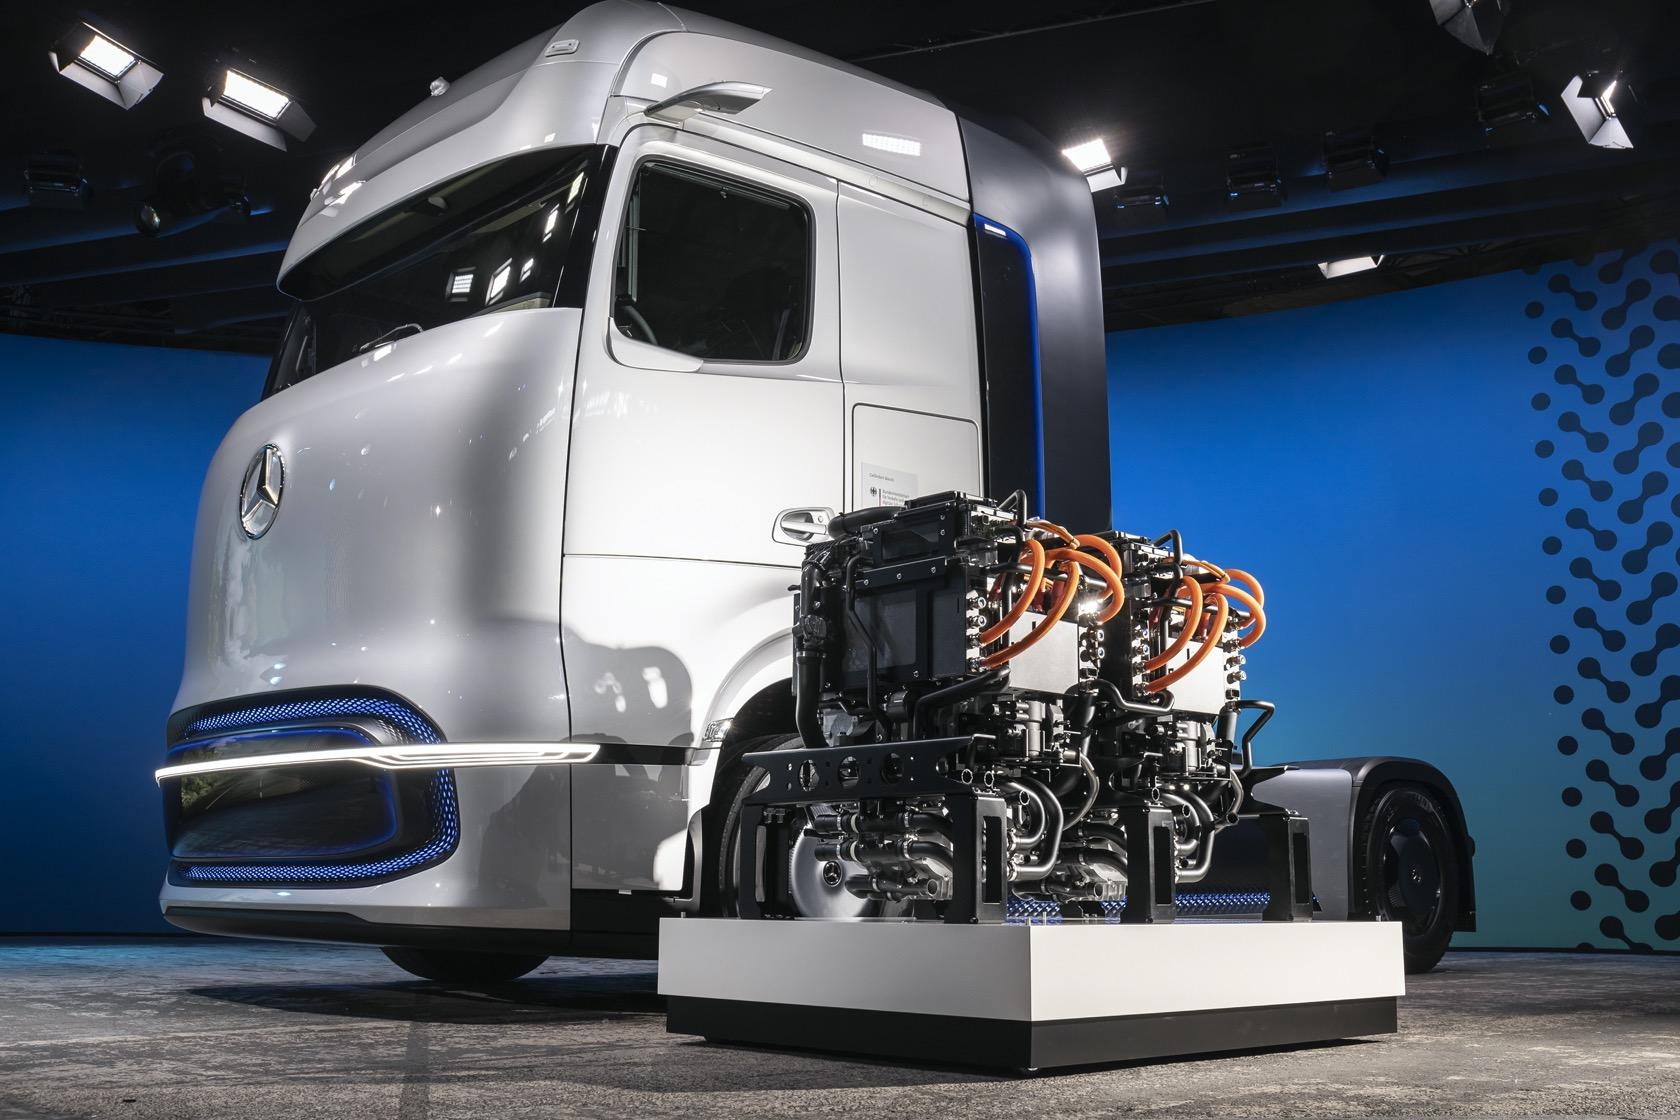 梅赛德斯-奔驰GenH2卡车:能跑1000公里的氢燃料ballbet贝博登陆卡车来了!